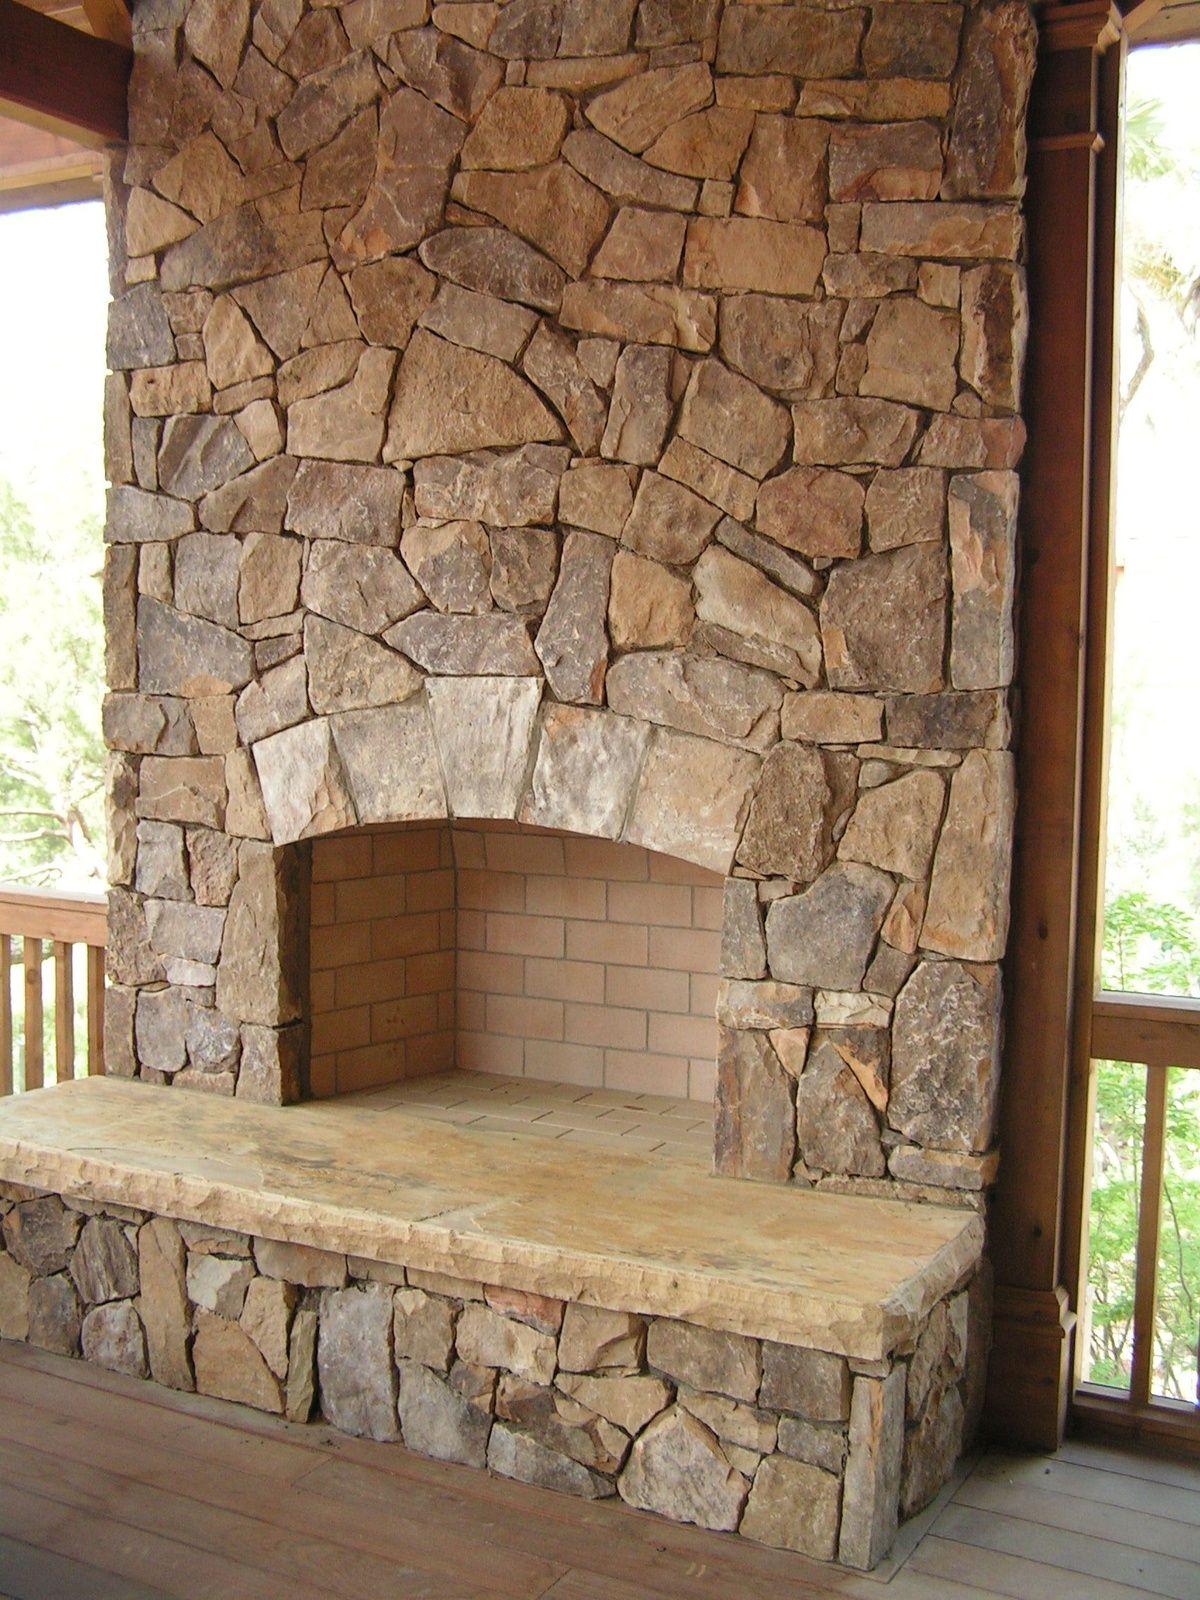 Brick Limestone Fireplace Mantels Ideas Fake Fireplace Mantel Fireplace Fake Fireplace